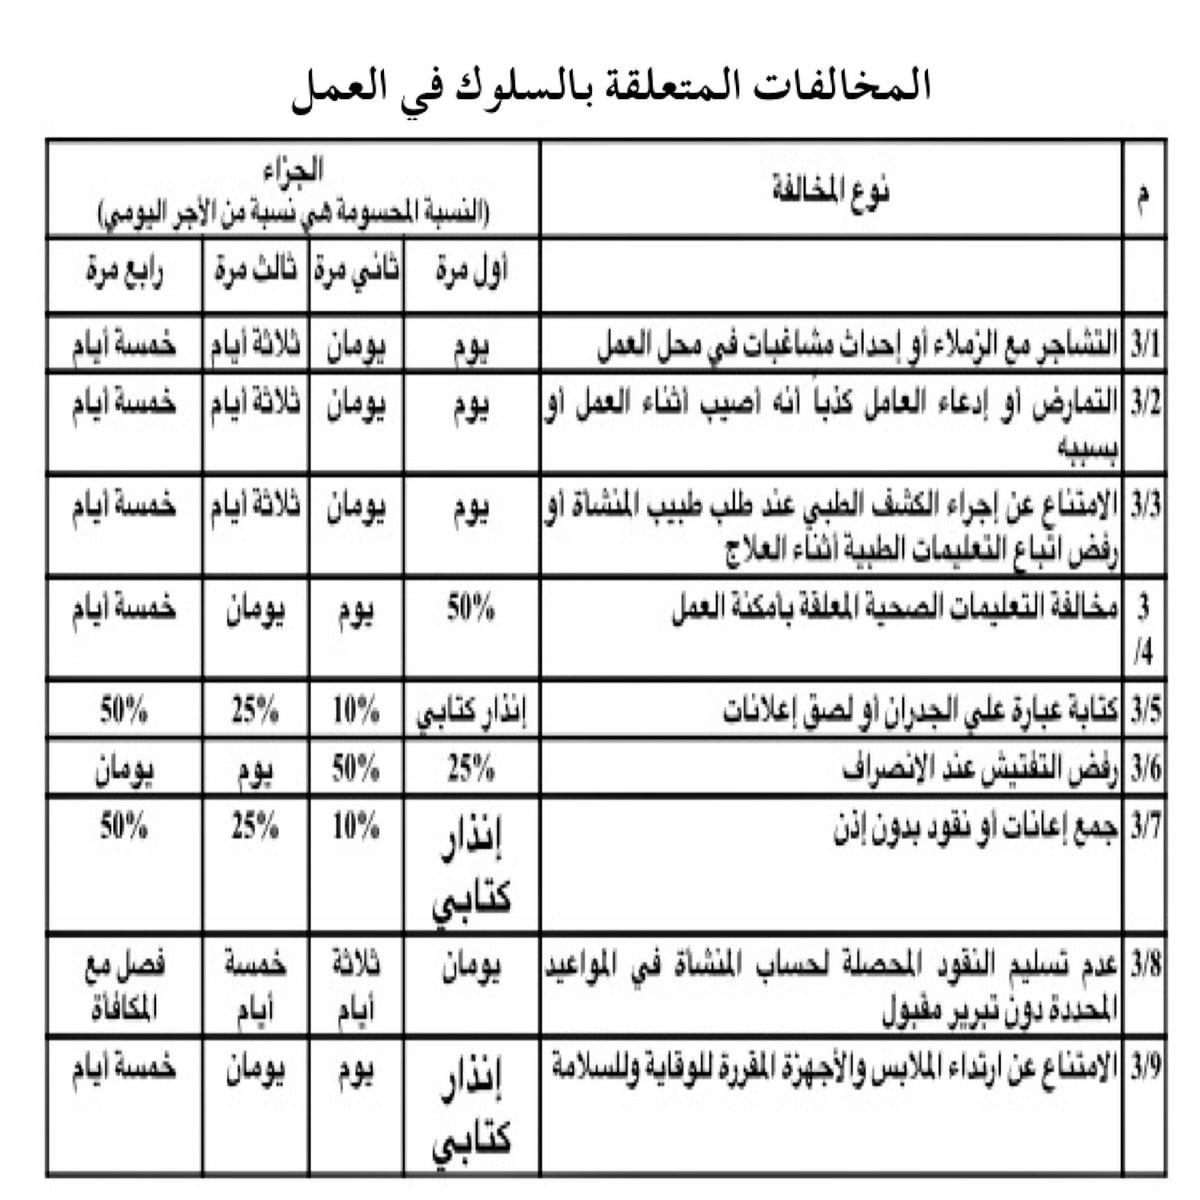 القانون Law On Twitter جدول المخالفات والجزاءات نظام العمل Almustsharahmed Lawclub5 Khalidguwaiz Law Library Sa